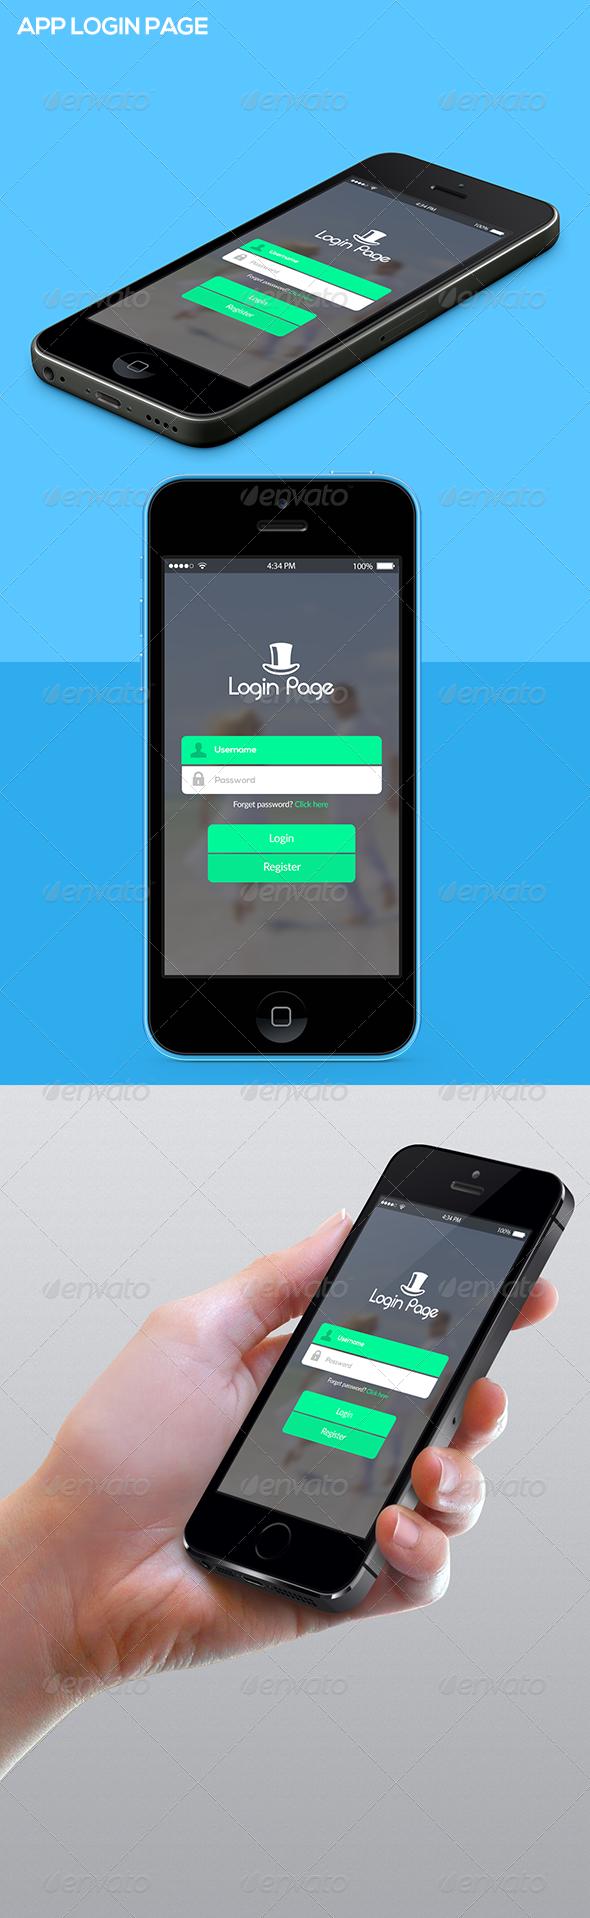 App Login Page